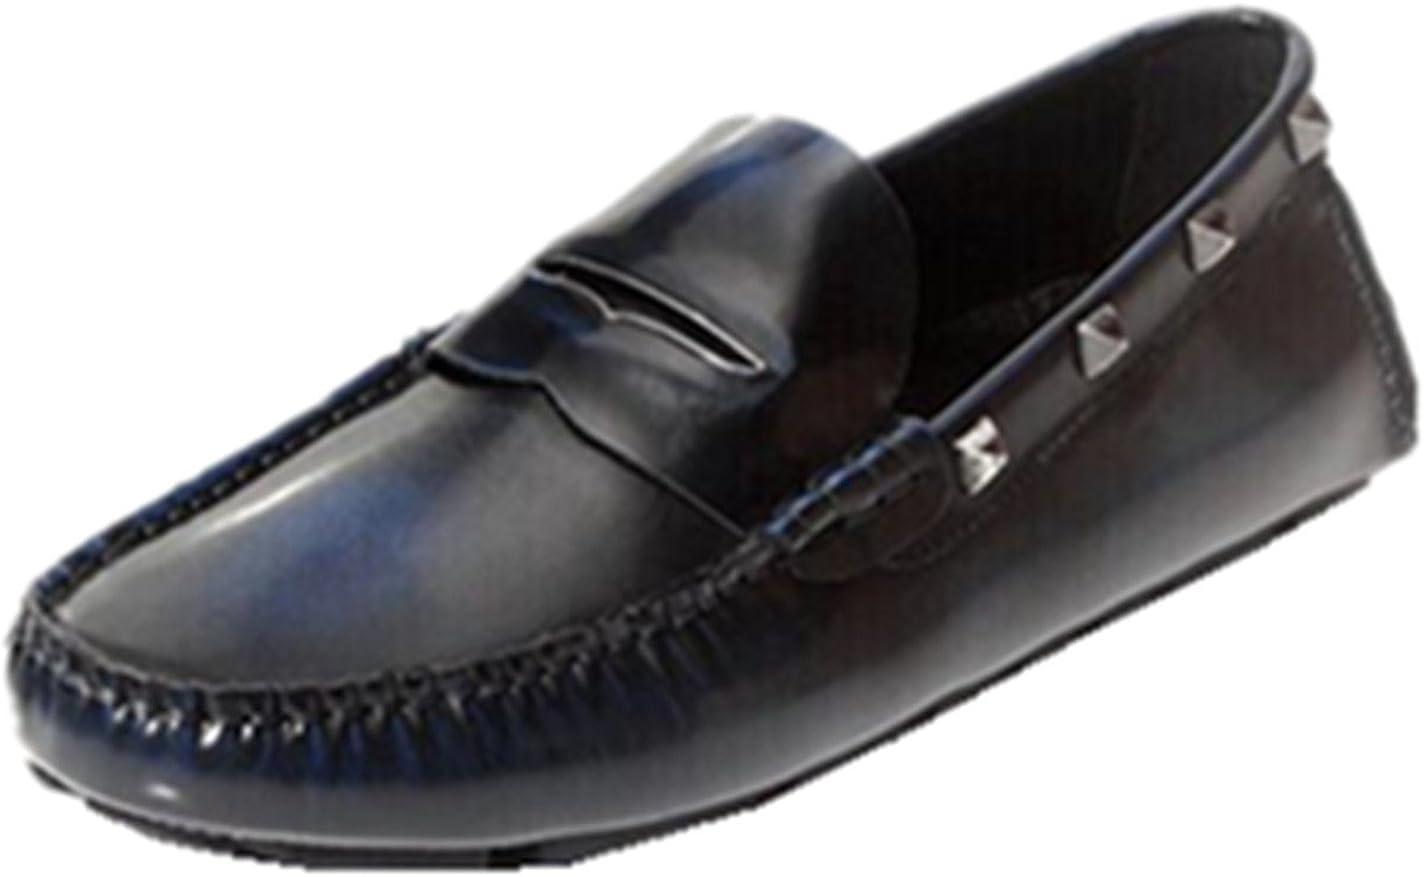 HAPPYSHOP TM Mens Genuine Leather Polishing Color Slip-on Driving Shoe Loafer Flats